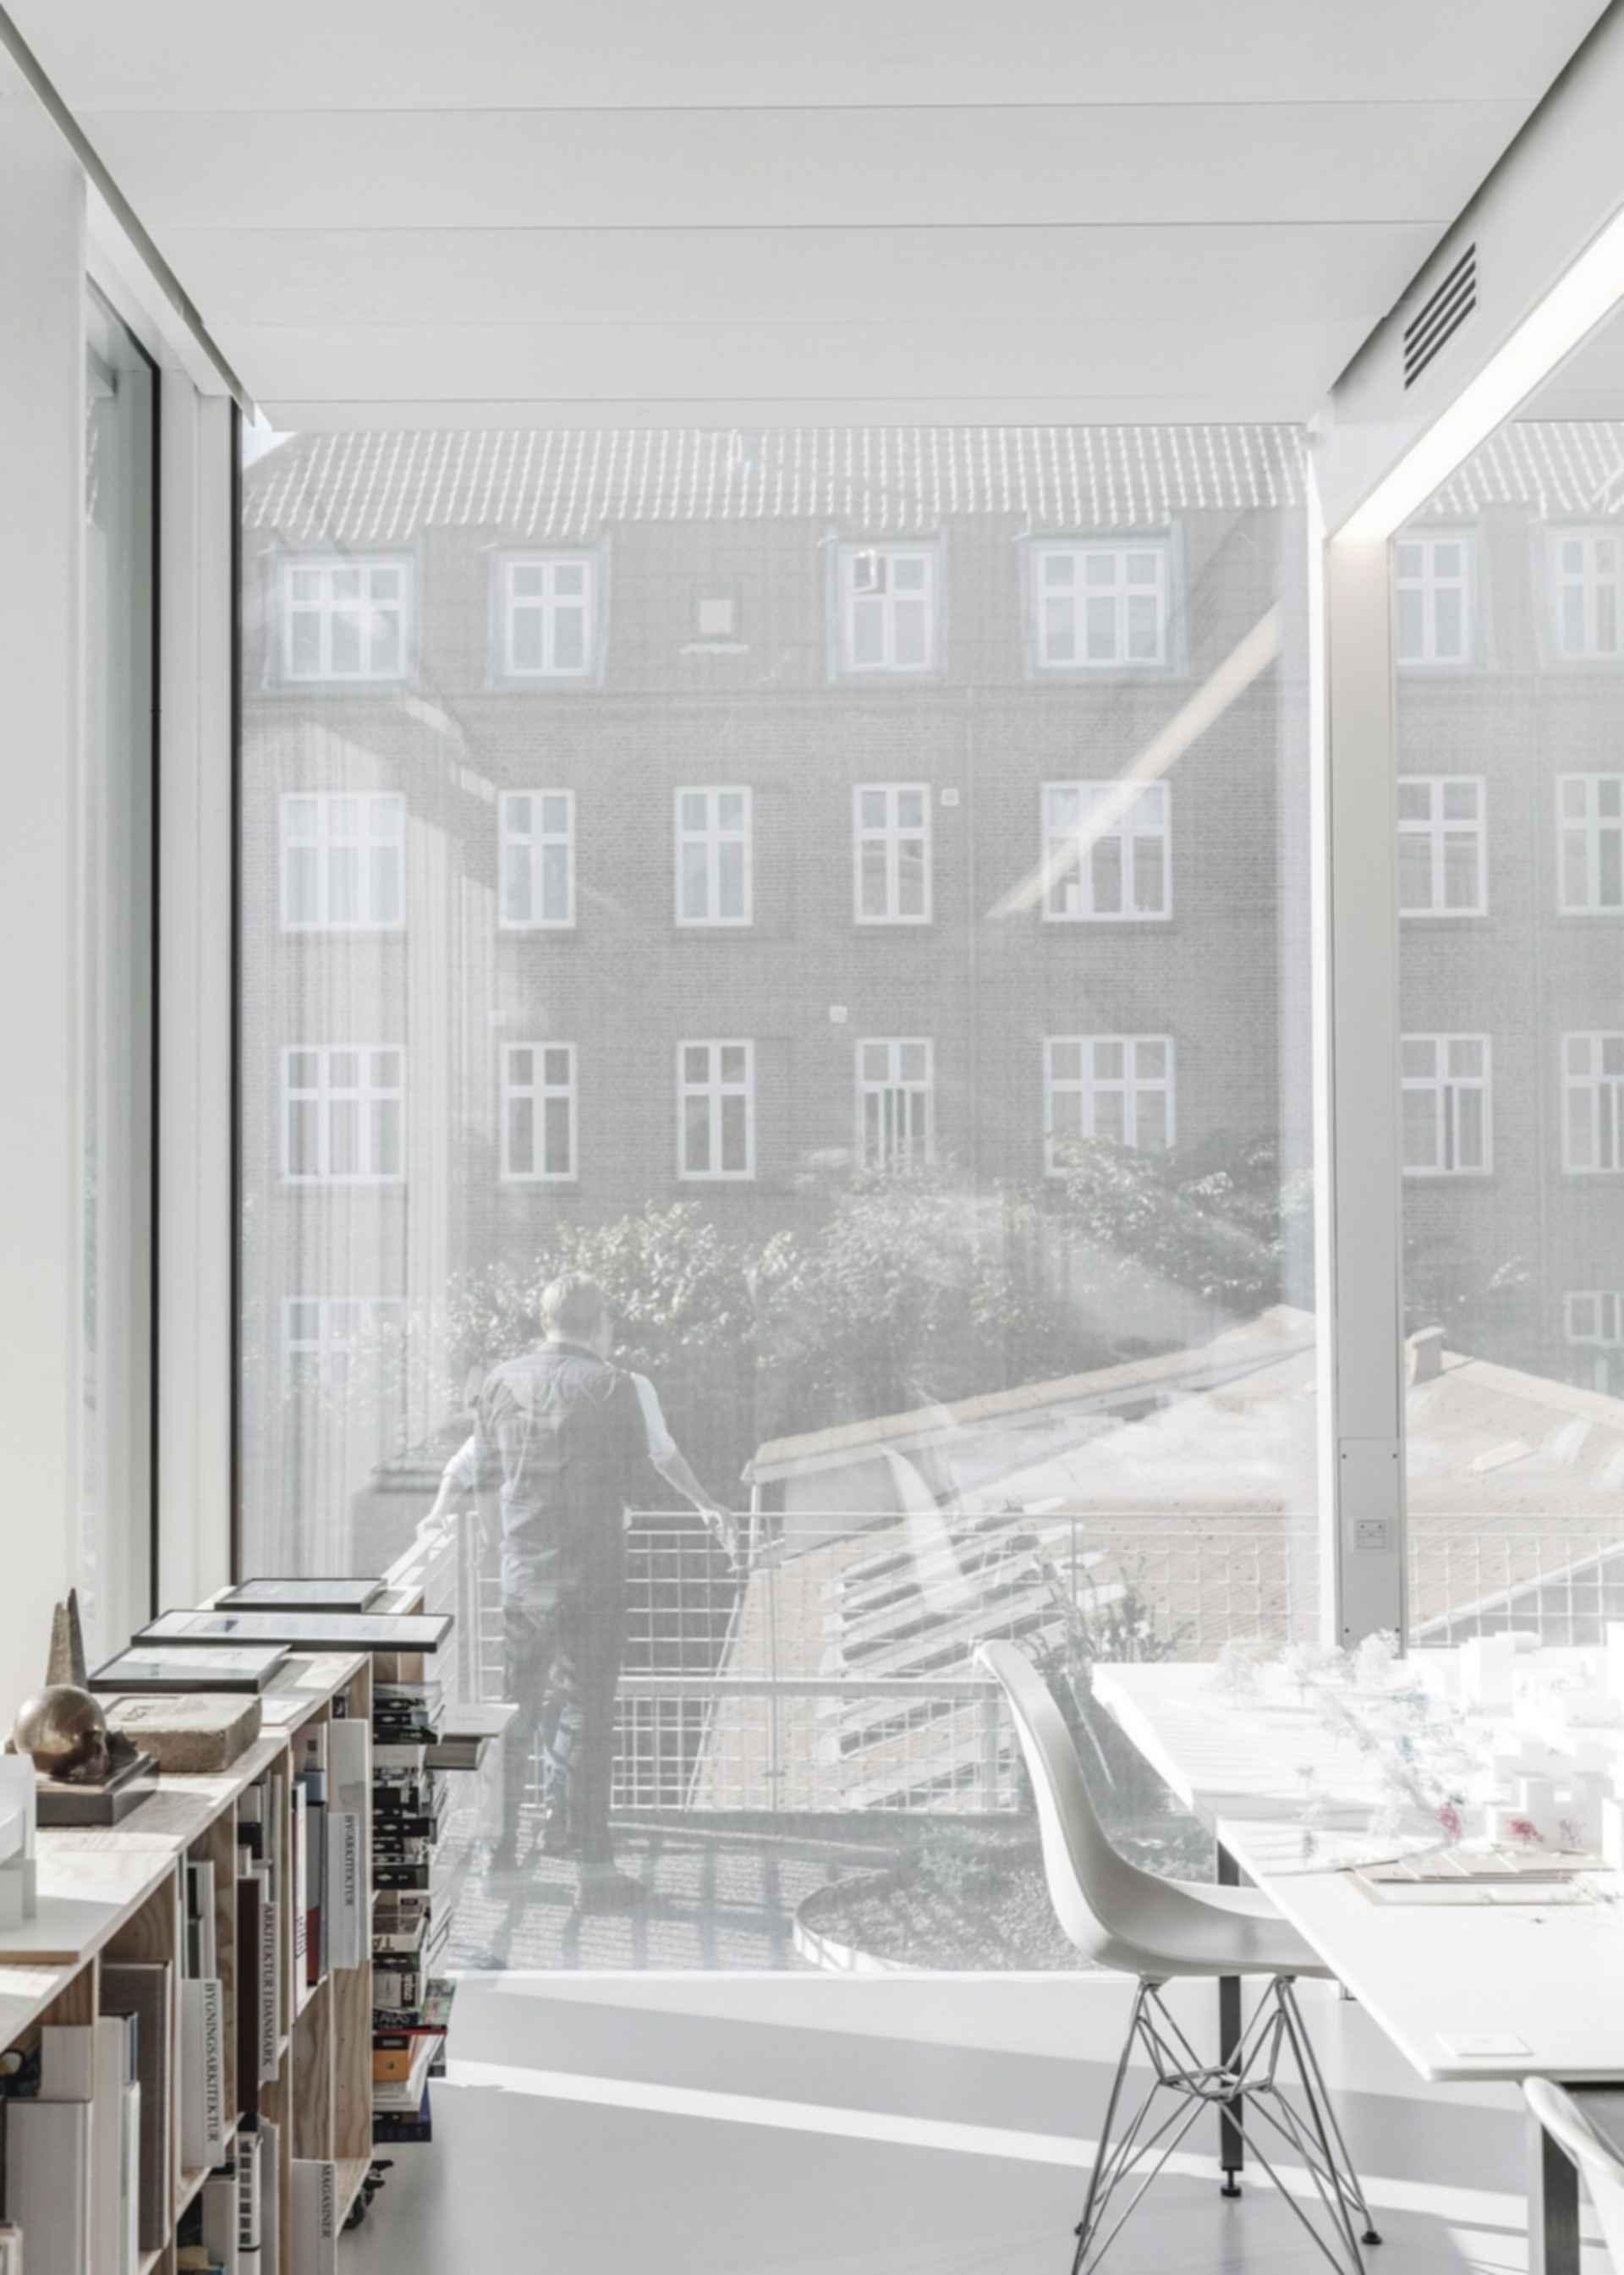 Sonnesgade 11 - Interior